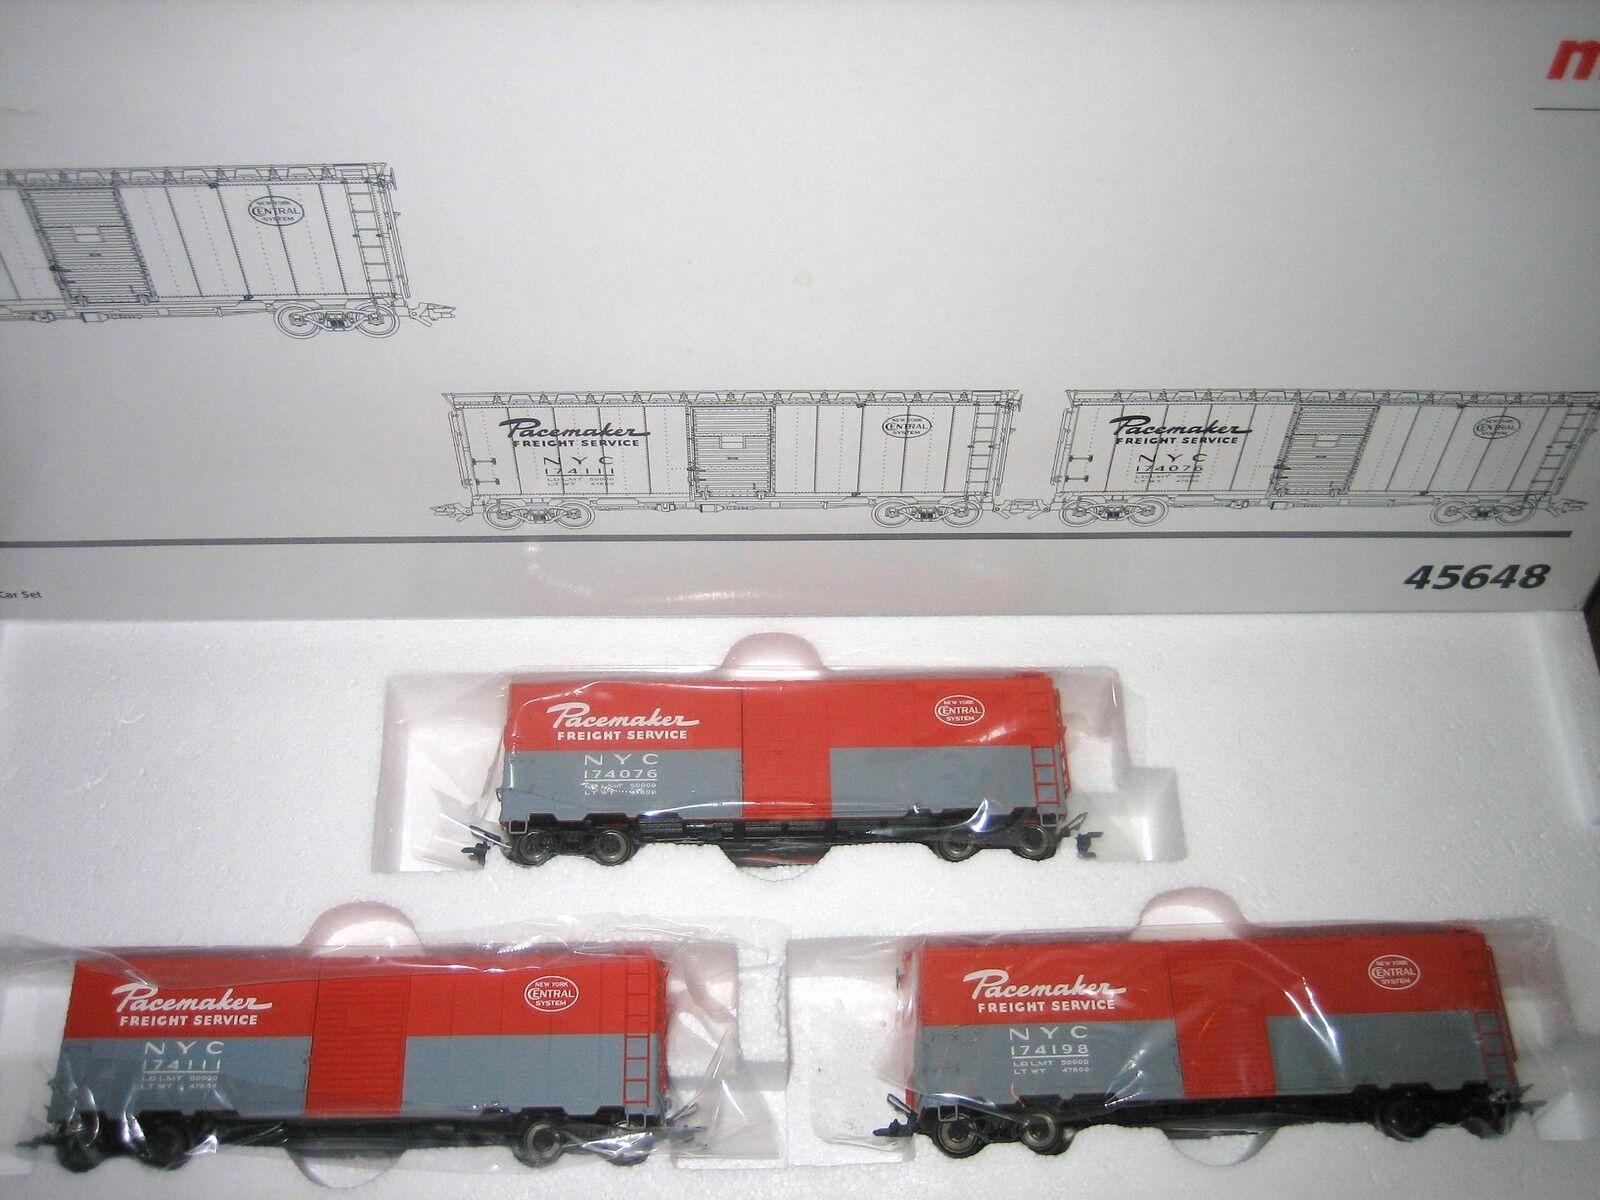 marklin h0 45648 USA autoro merci Set Union Pacific Nuovo Confezione Originale